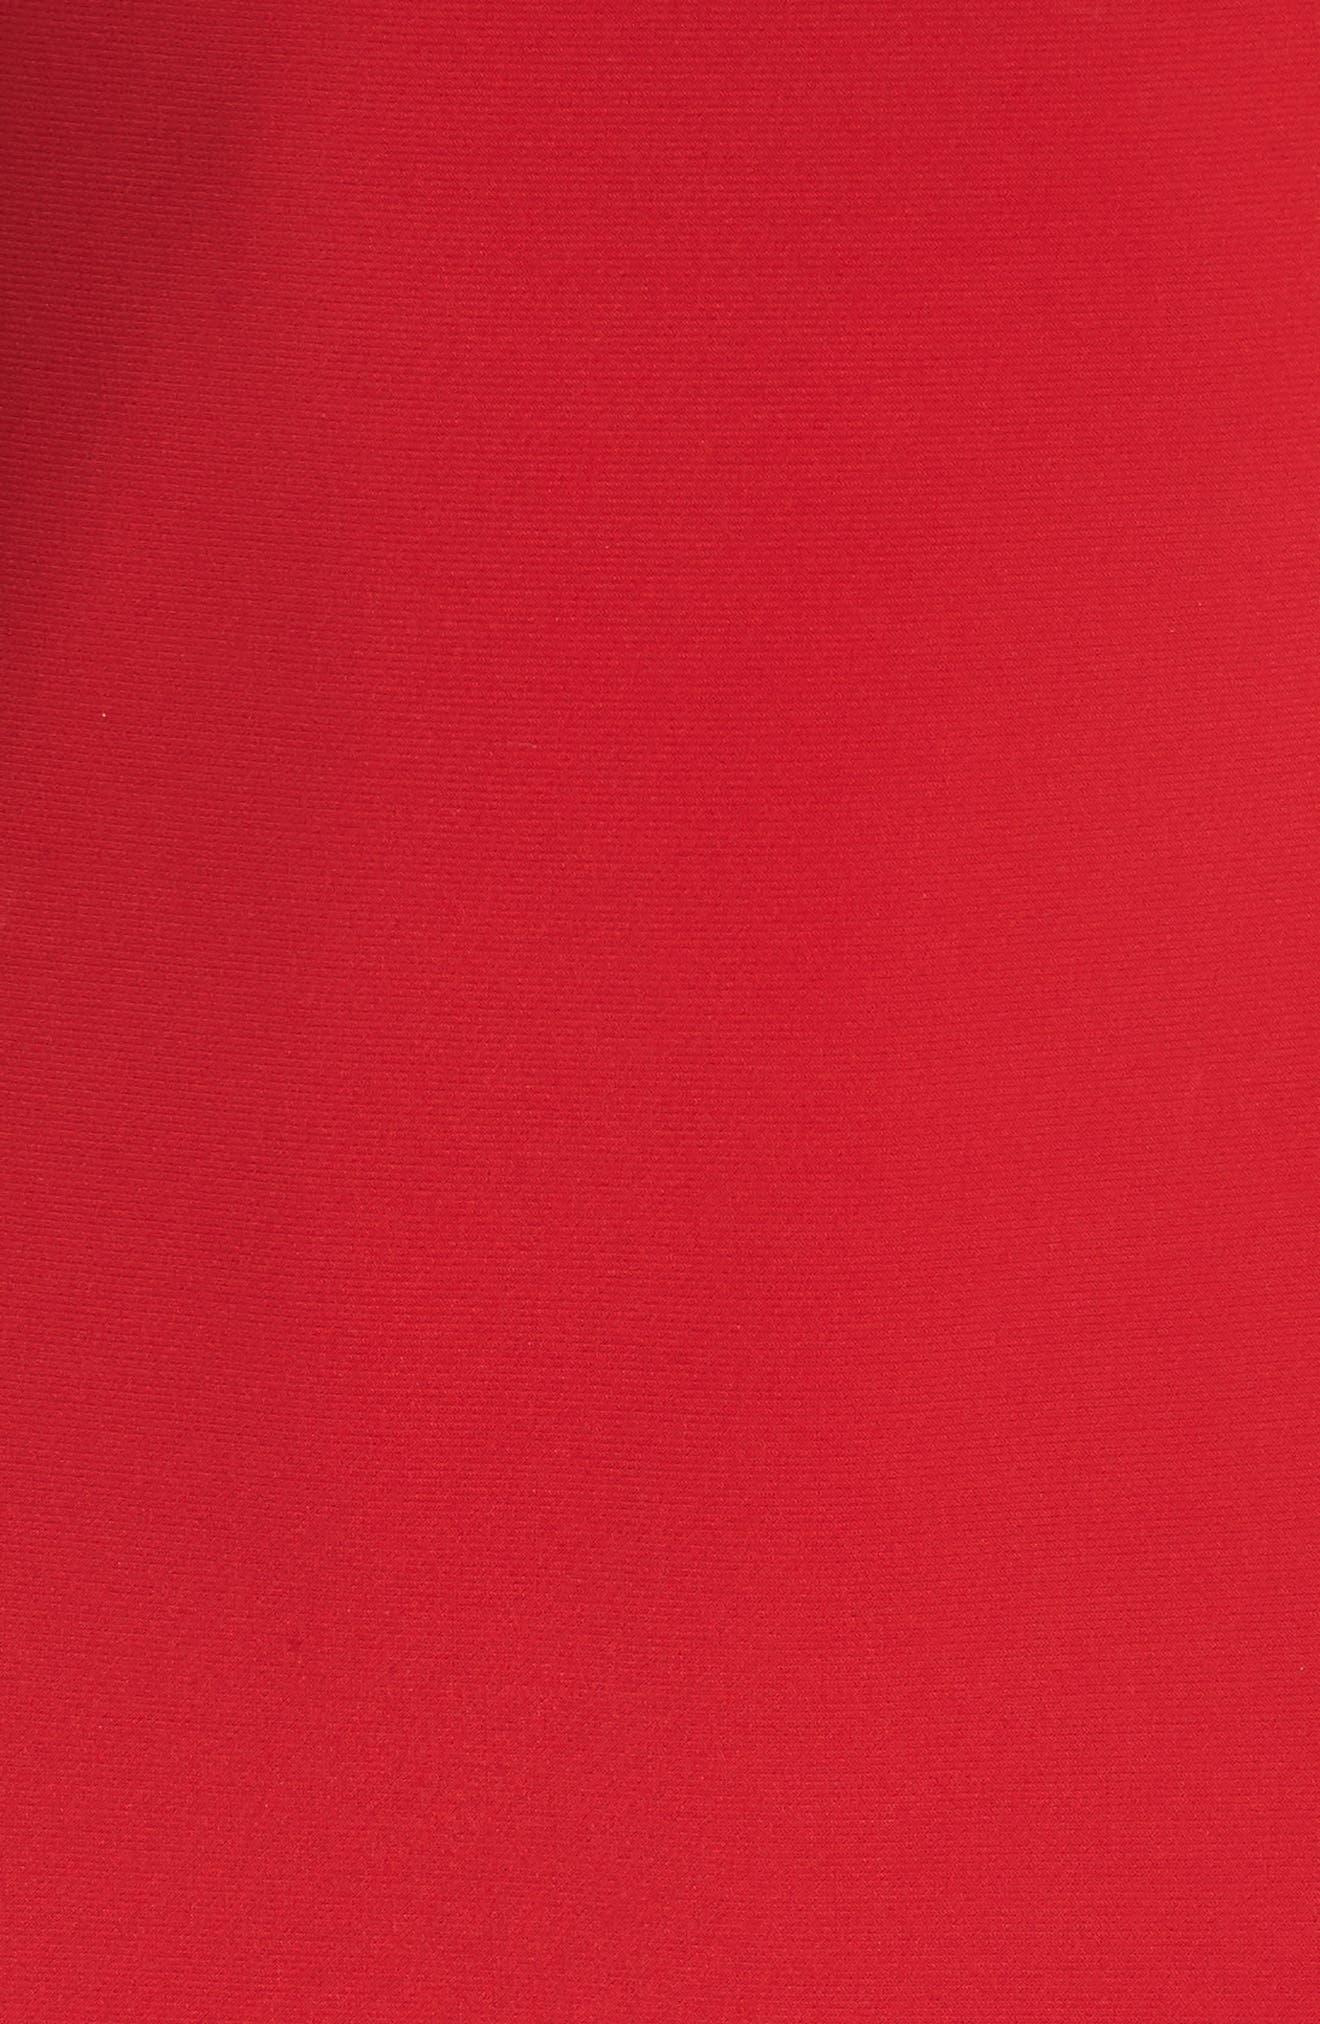 Mac Duggal Embellished Shoulder Jersey Gown,                             Alternate thumbnail 7, color,                             600